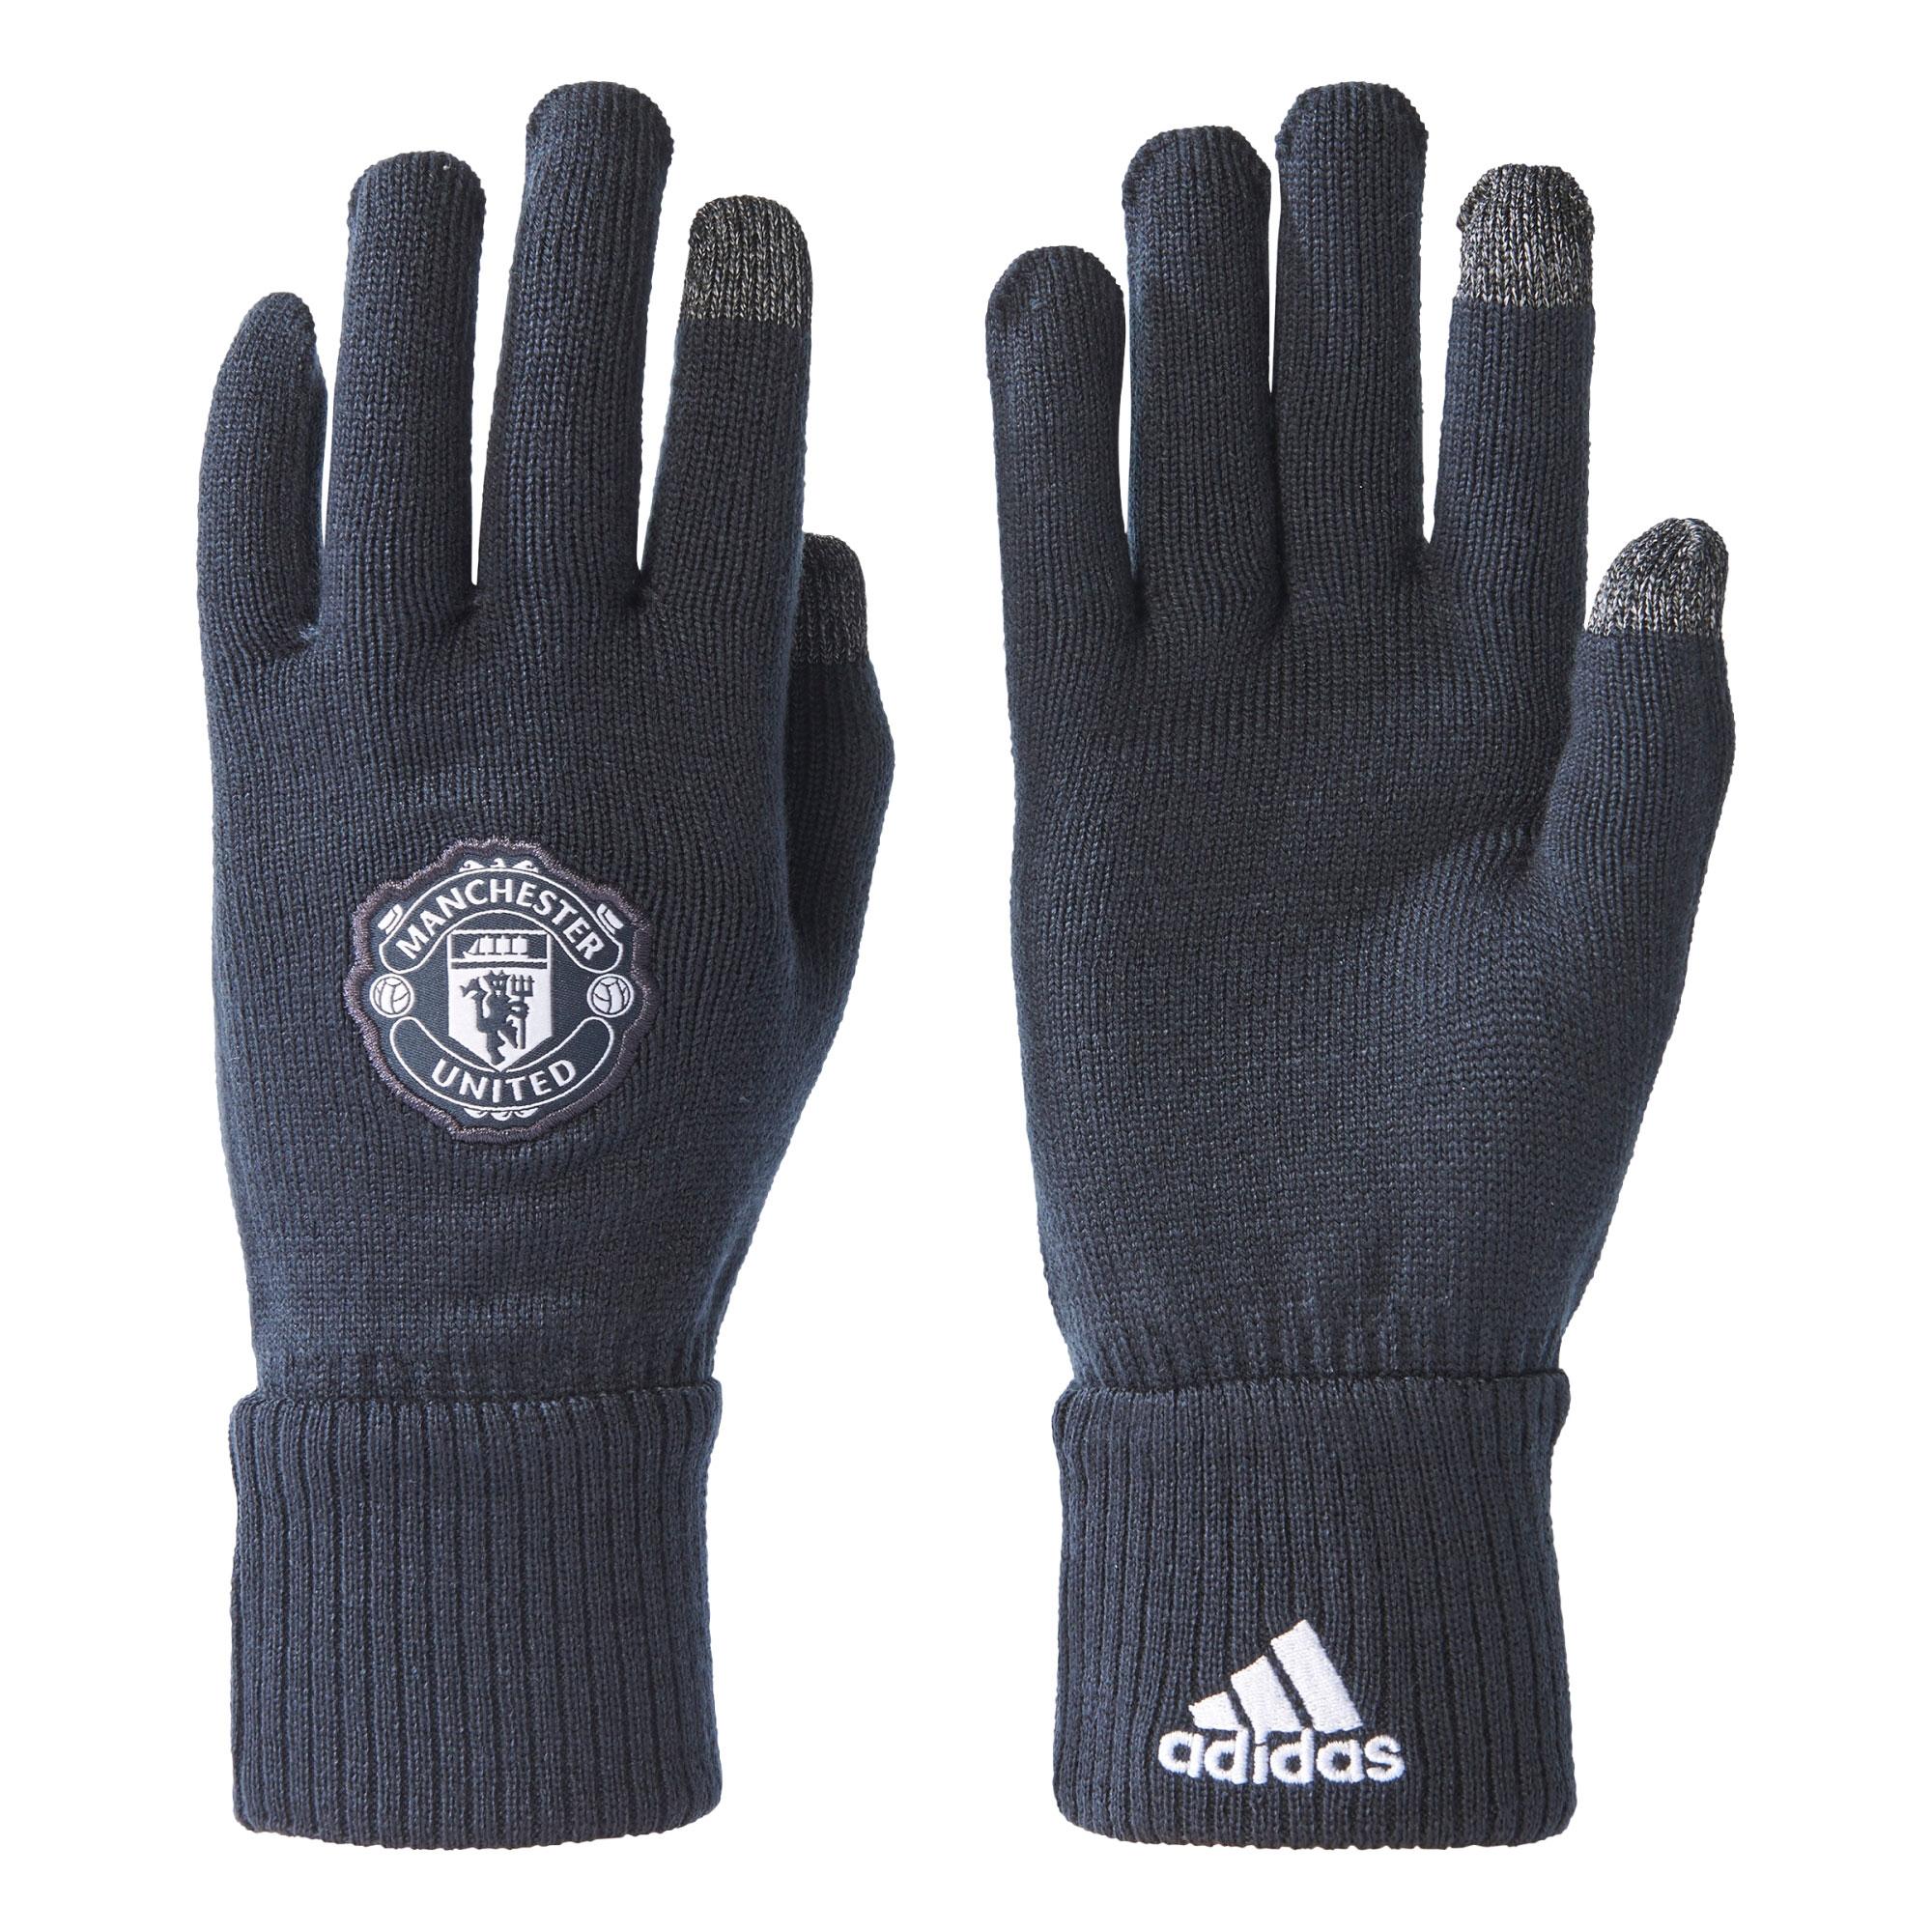 Manchester United Gloves - Dark Grey